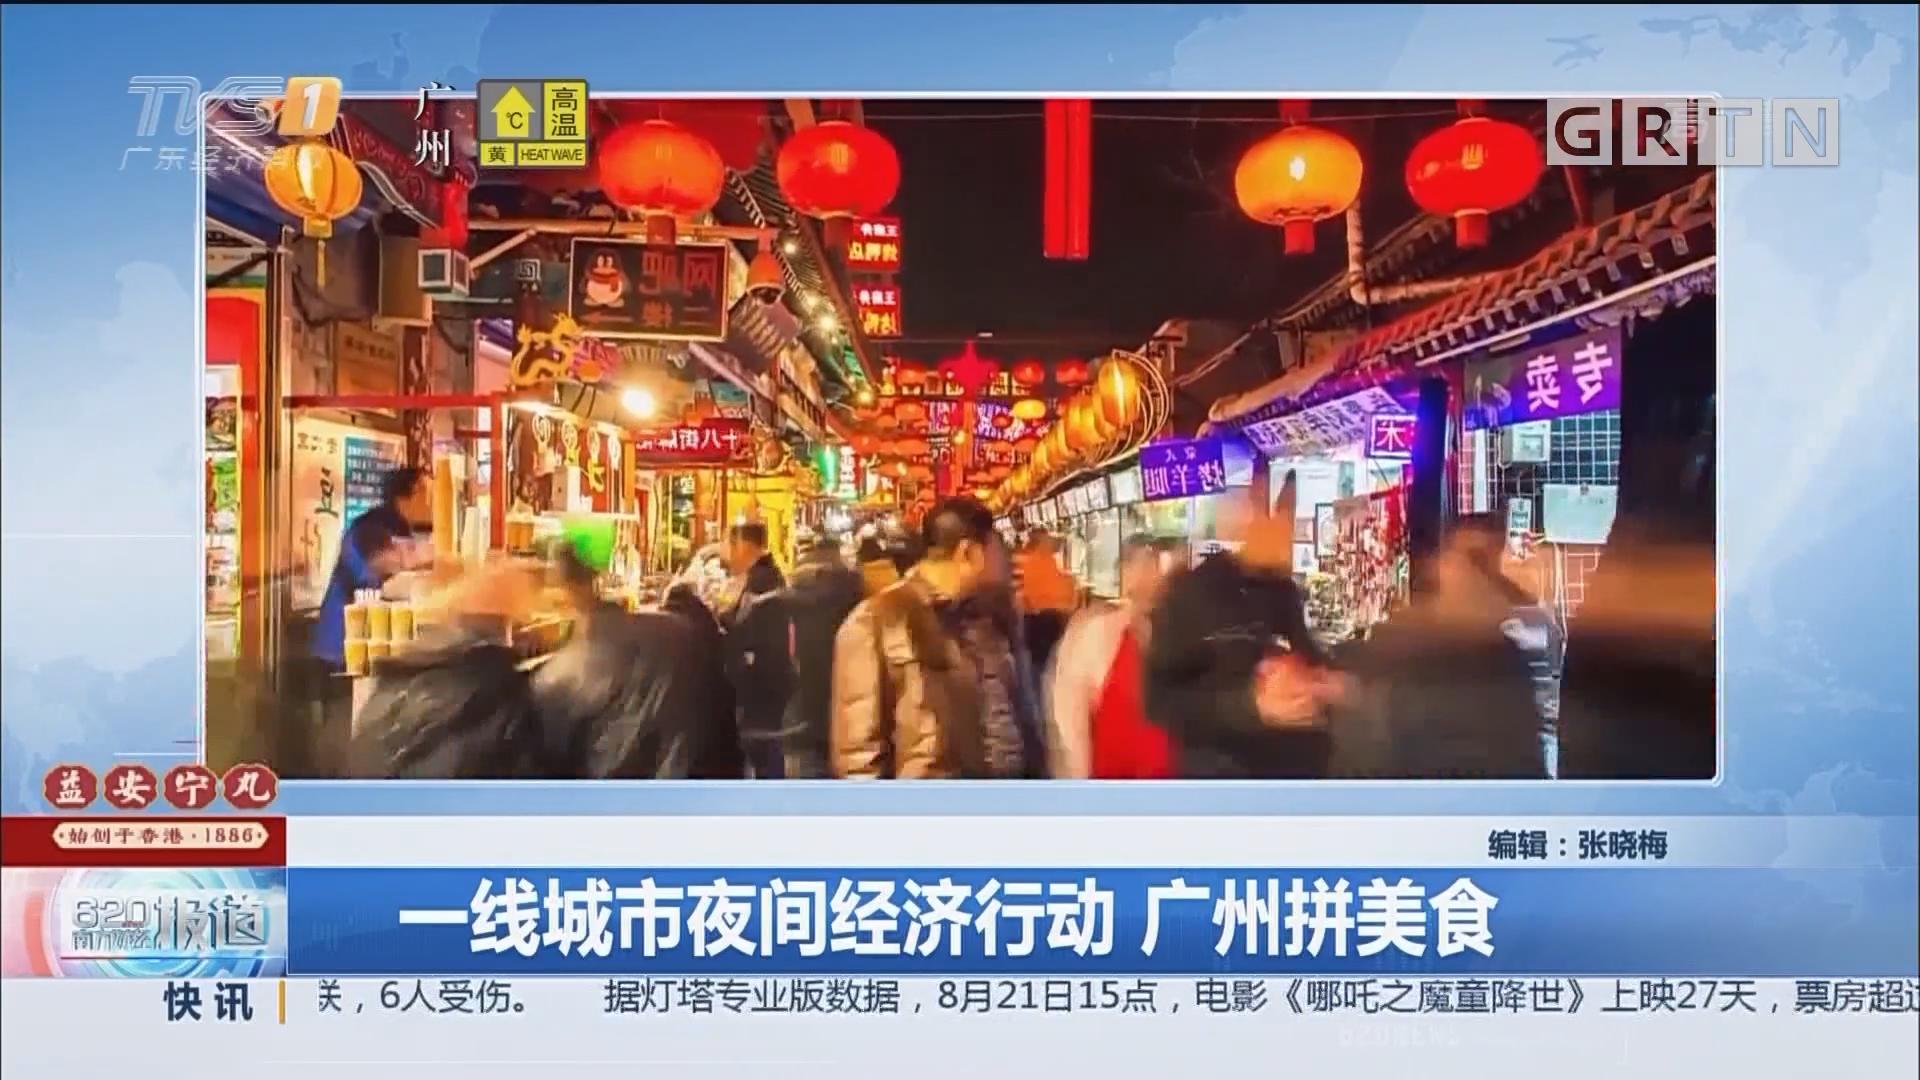 一线城市夜间经济行动 广州拼美食